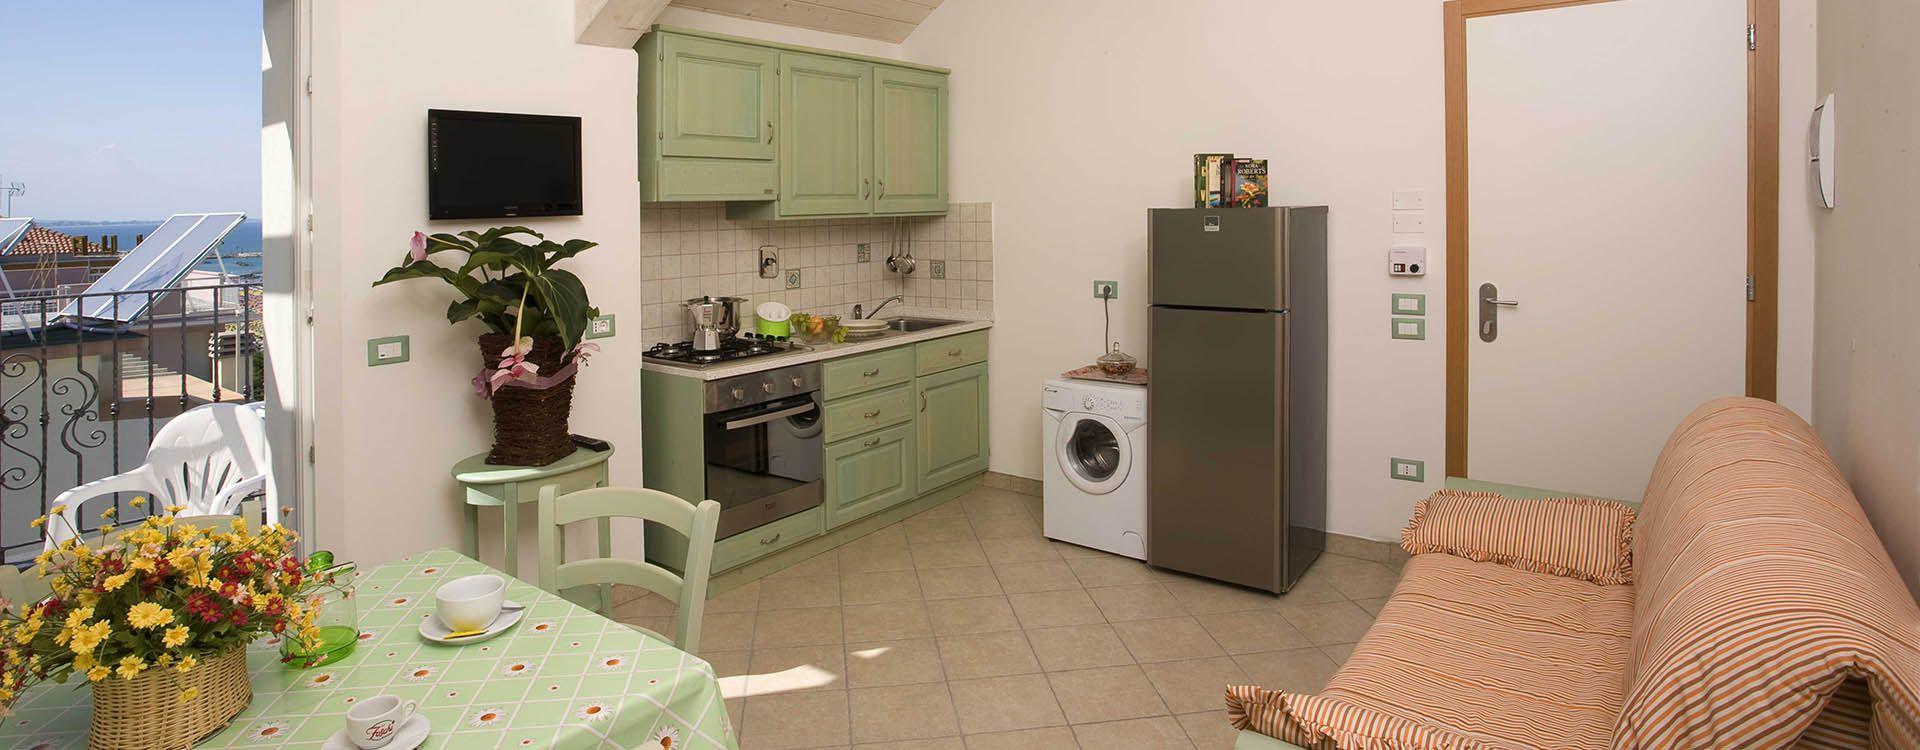 Appartamenti gabicce mare for Appartamenti gabicce mare